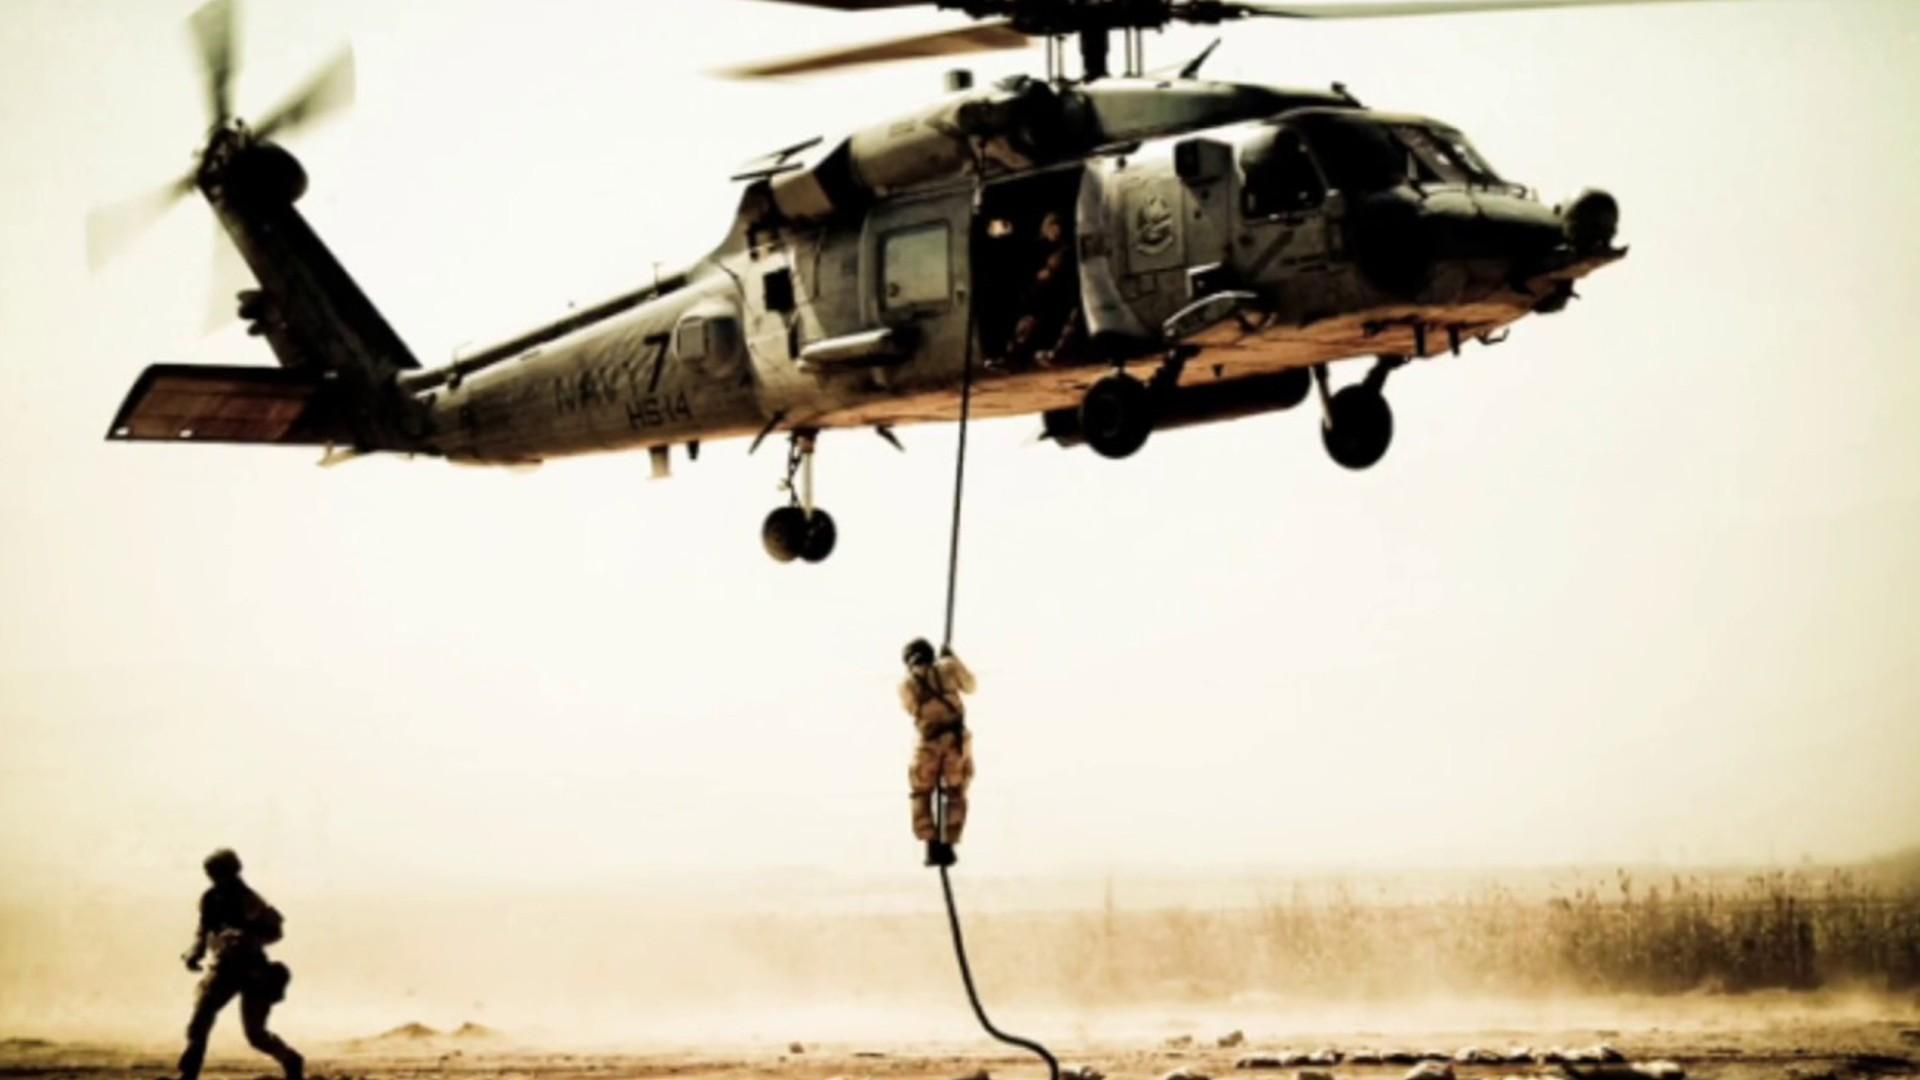 سقوط الصقر الأسود - الصومال